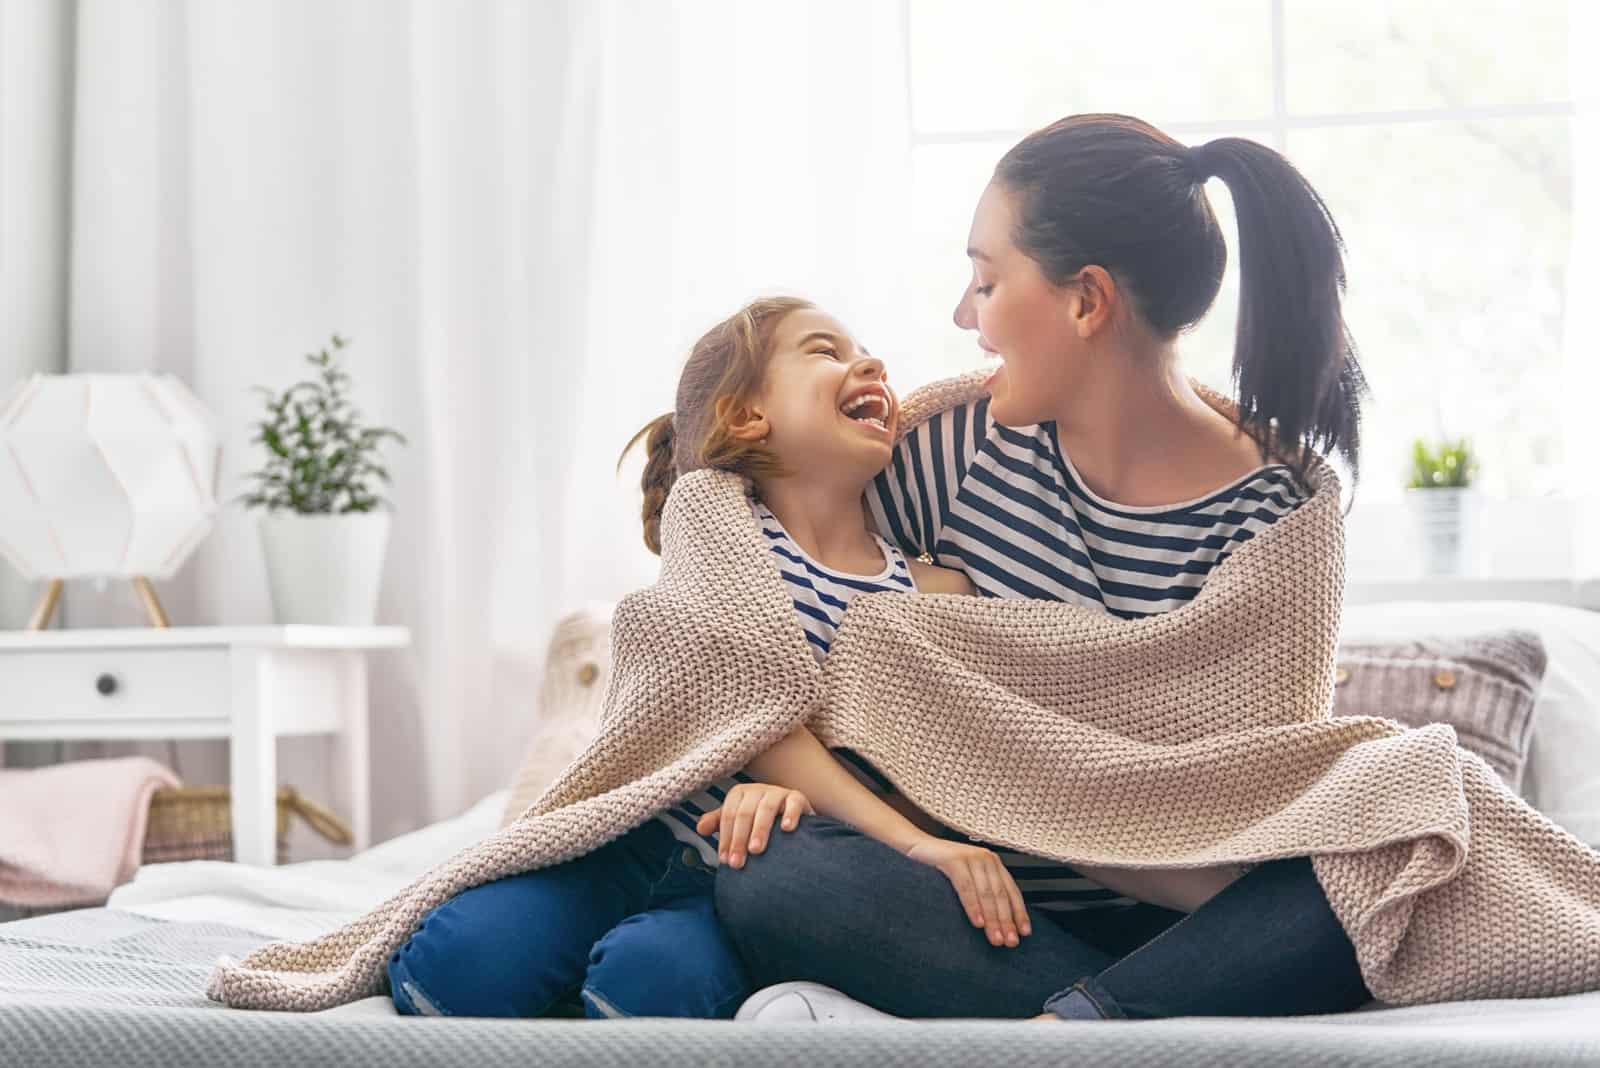 mère et fille embrassées recouvertes d'une couverture